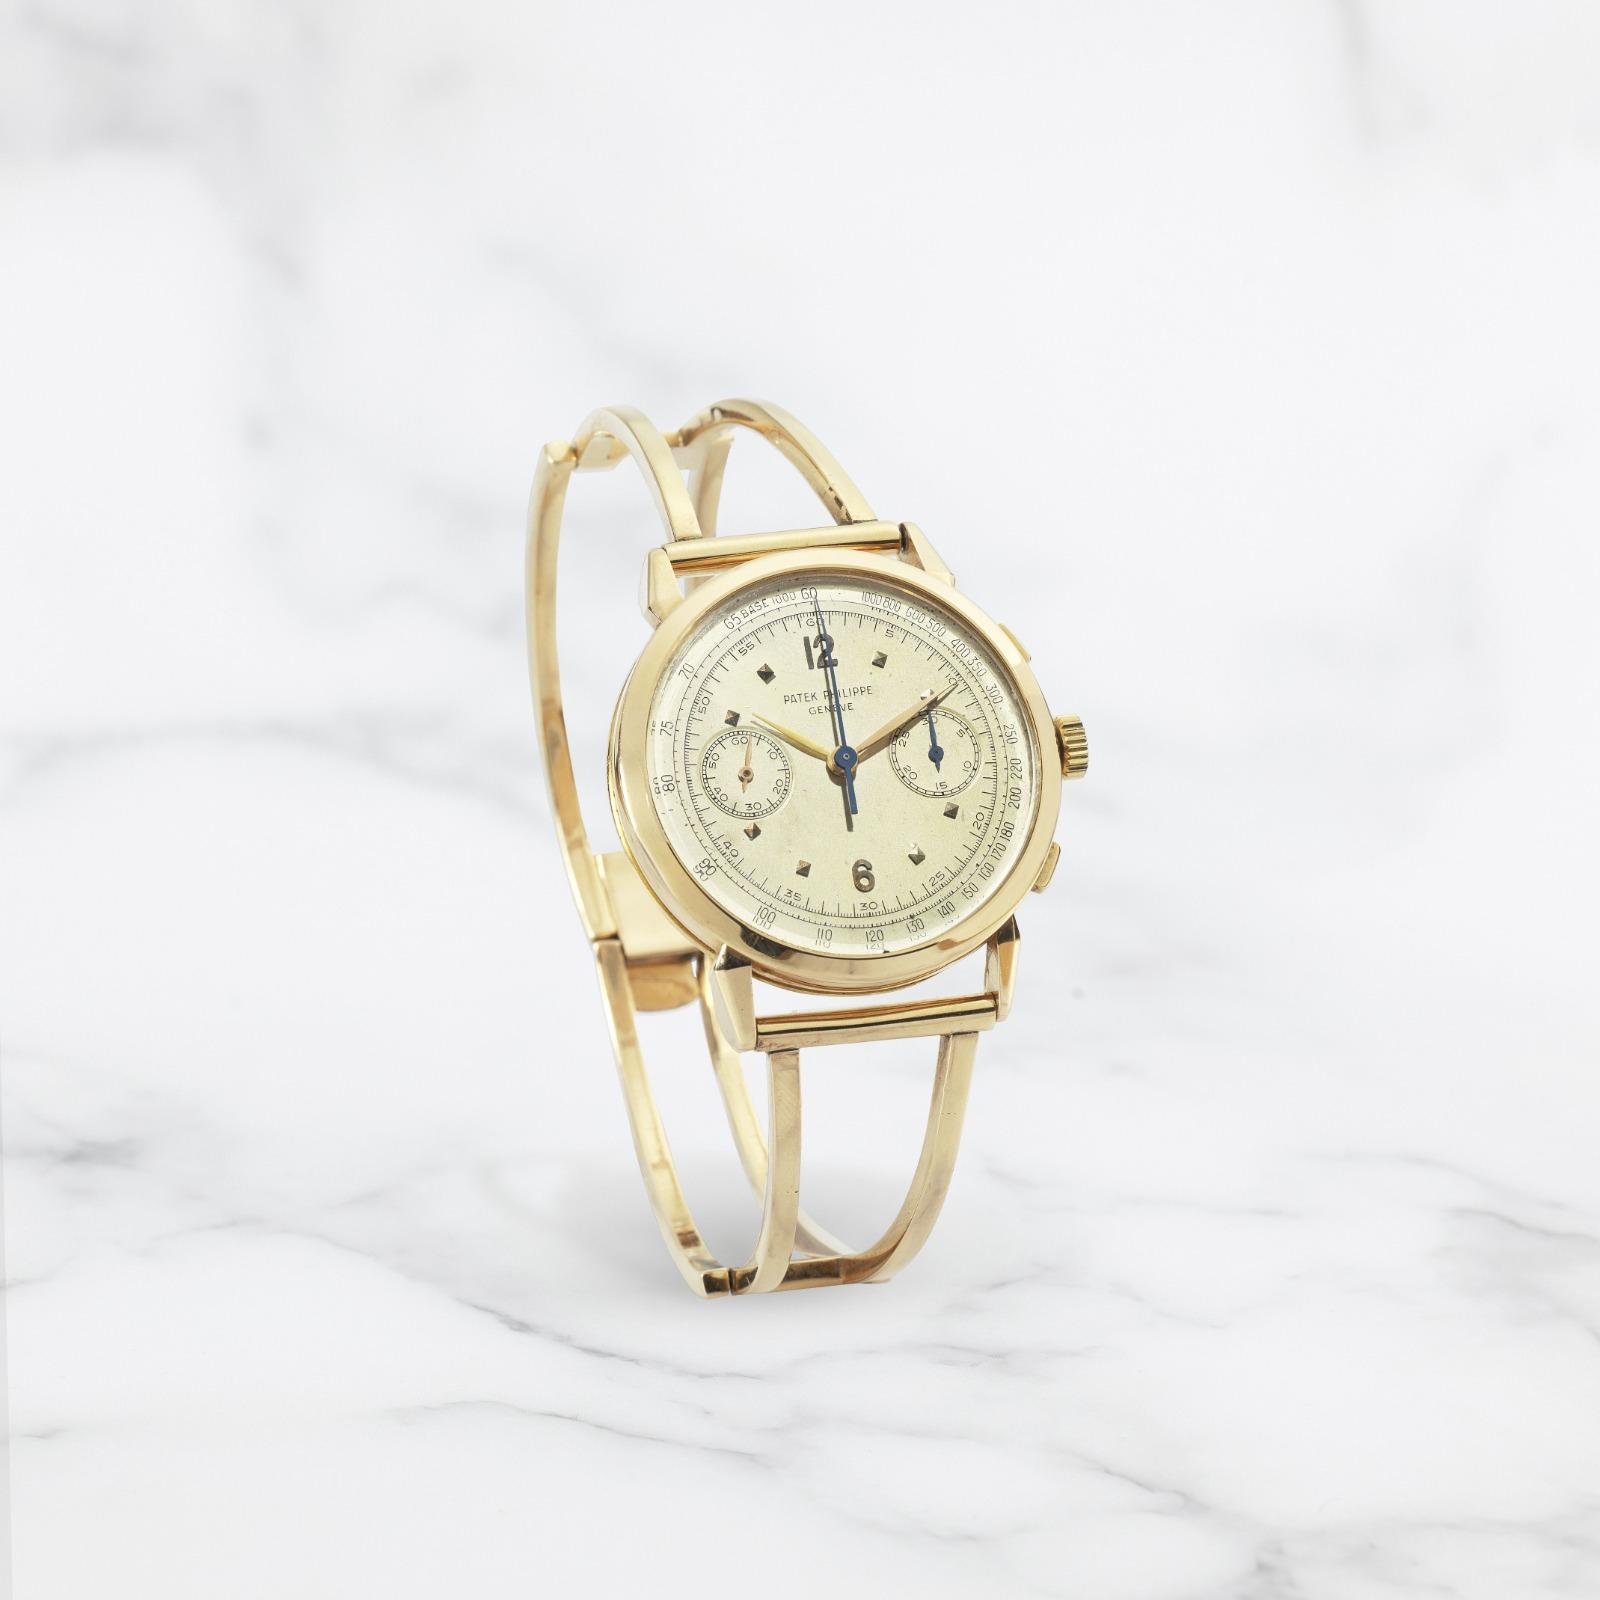 Paris Luxury, Montres et Chronographes de Prestige Auction by Bonhams - MondaniWeb